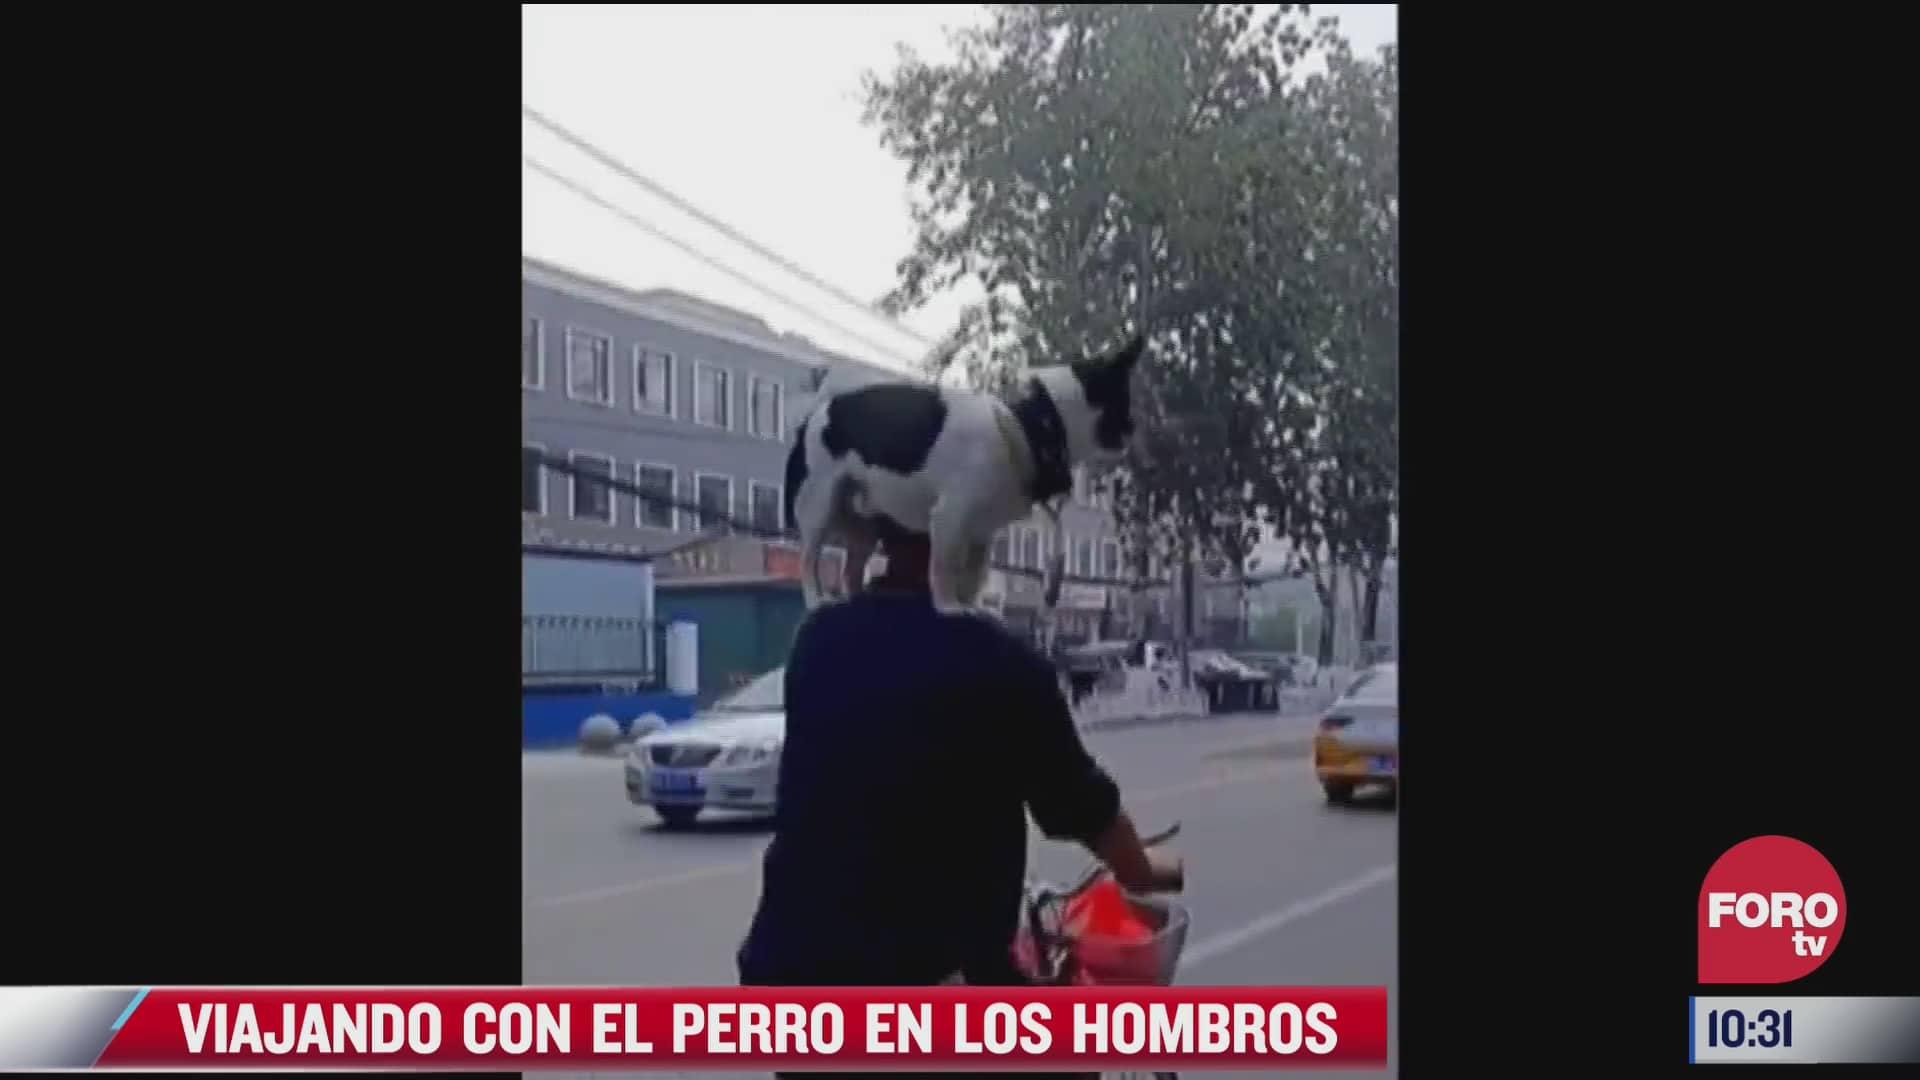 hombre viaja en bicicleta con su perro sobre los hombros